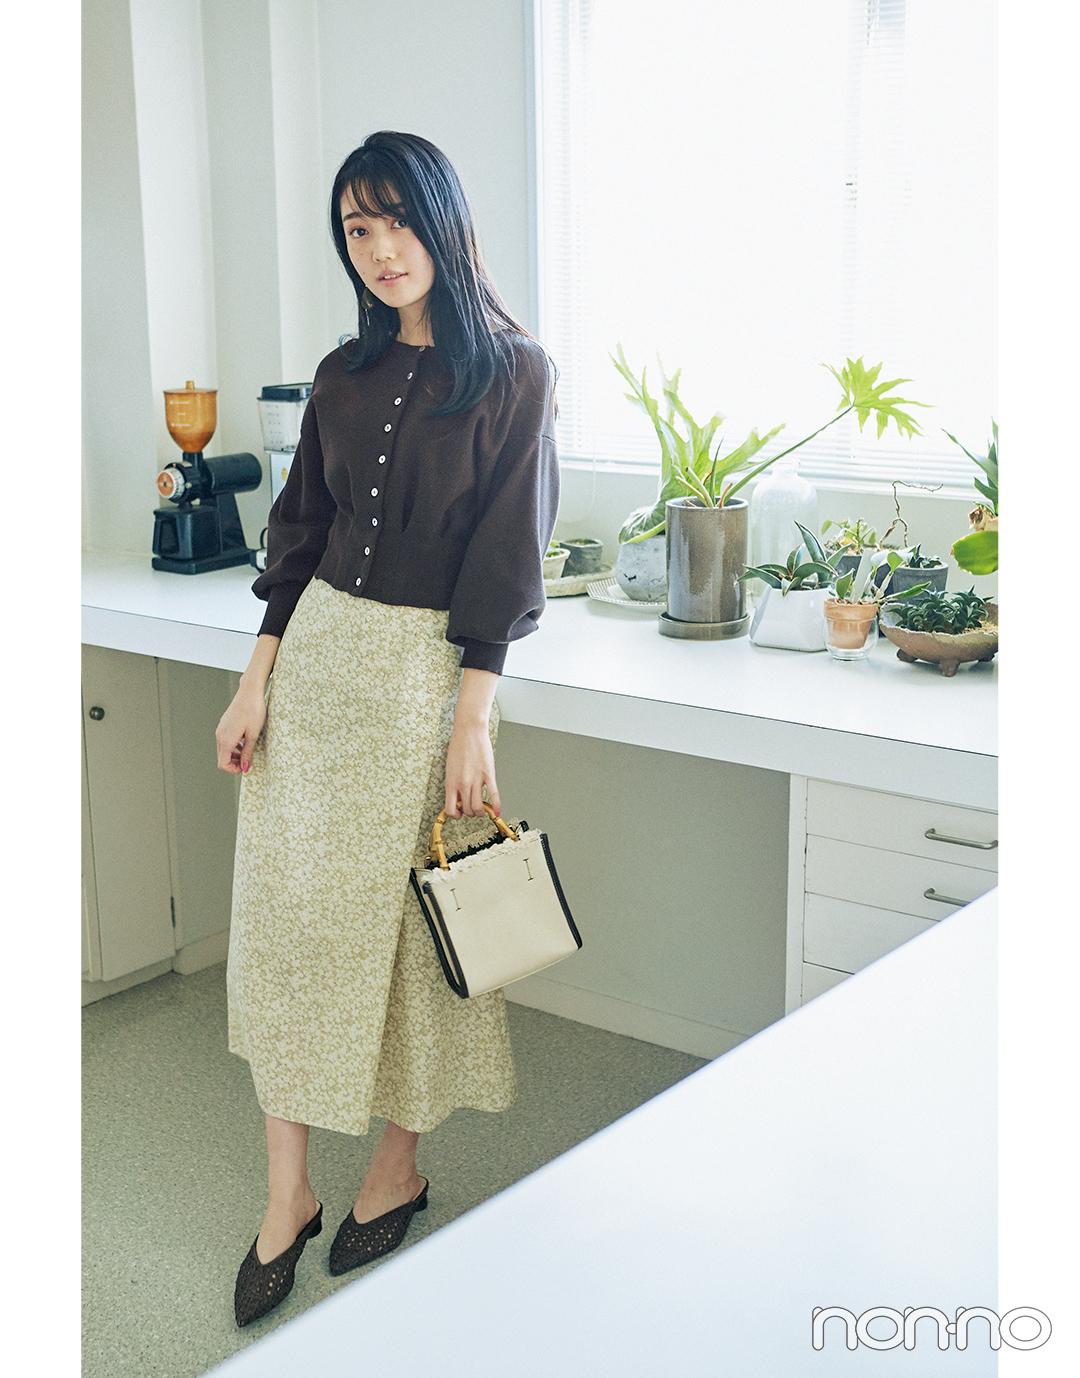 2月~3月の体感寒い日&暖かい日、小花柄スカートはこんなに使える!_1_5